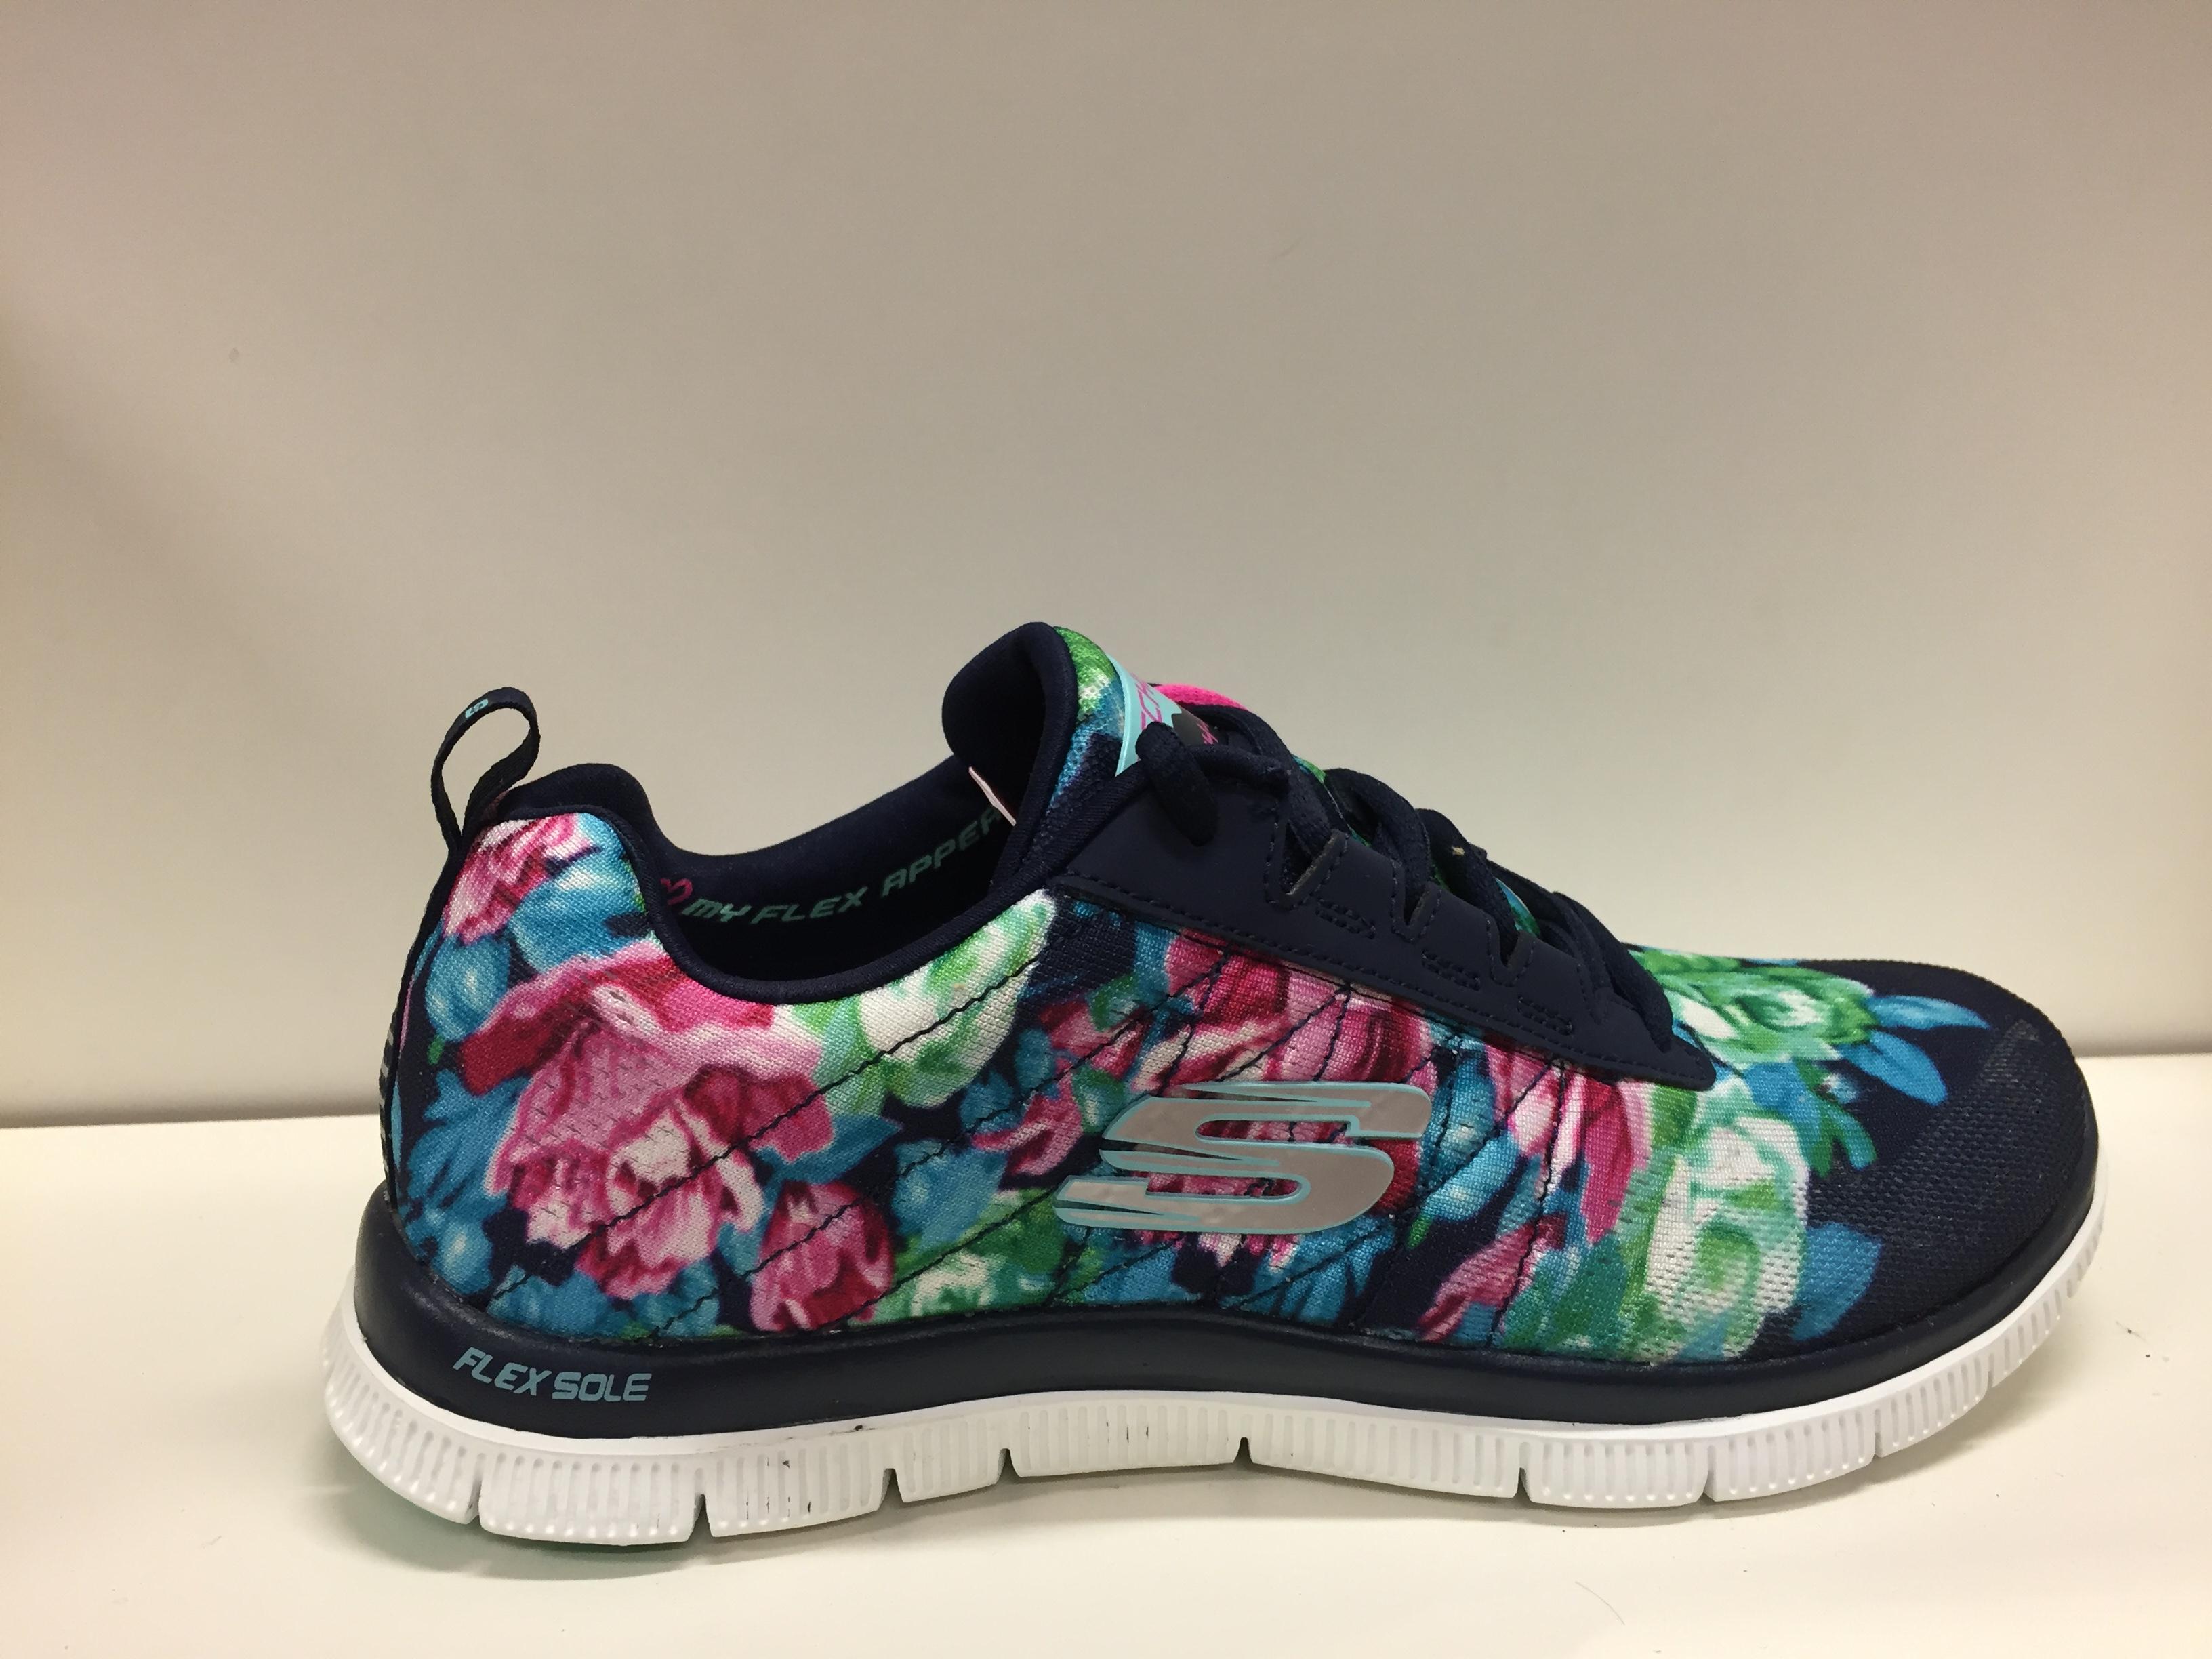 skor med stötdämpning